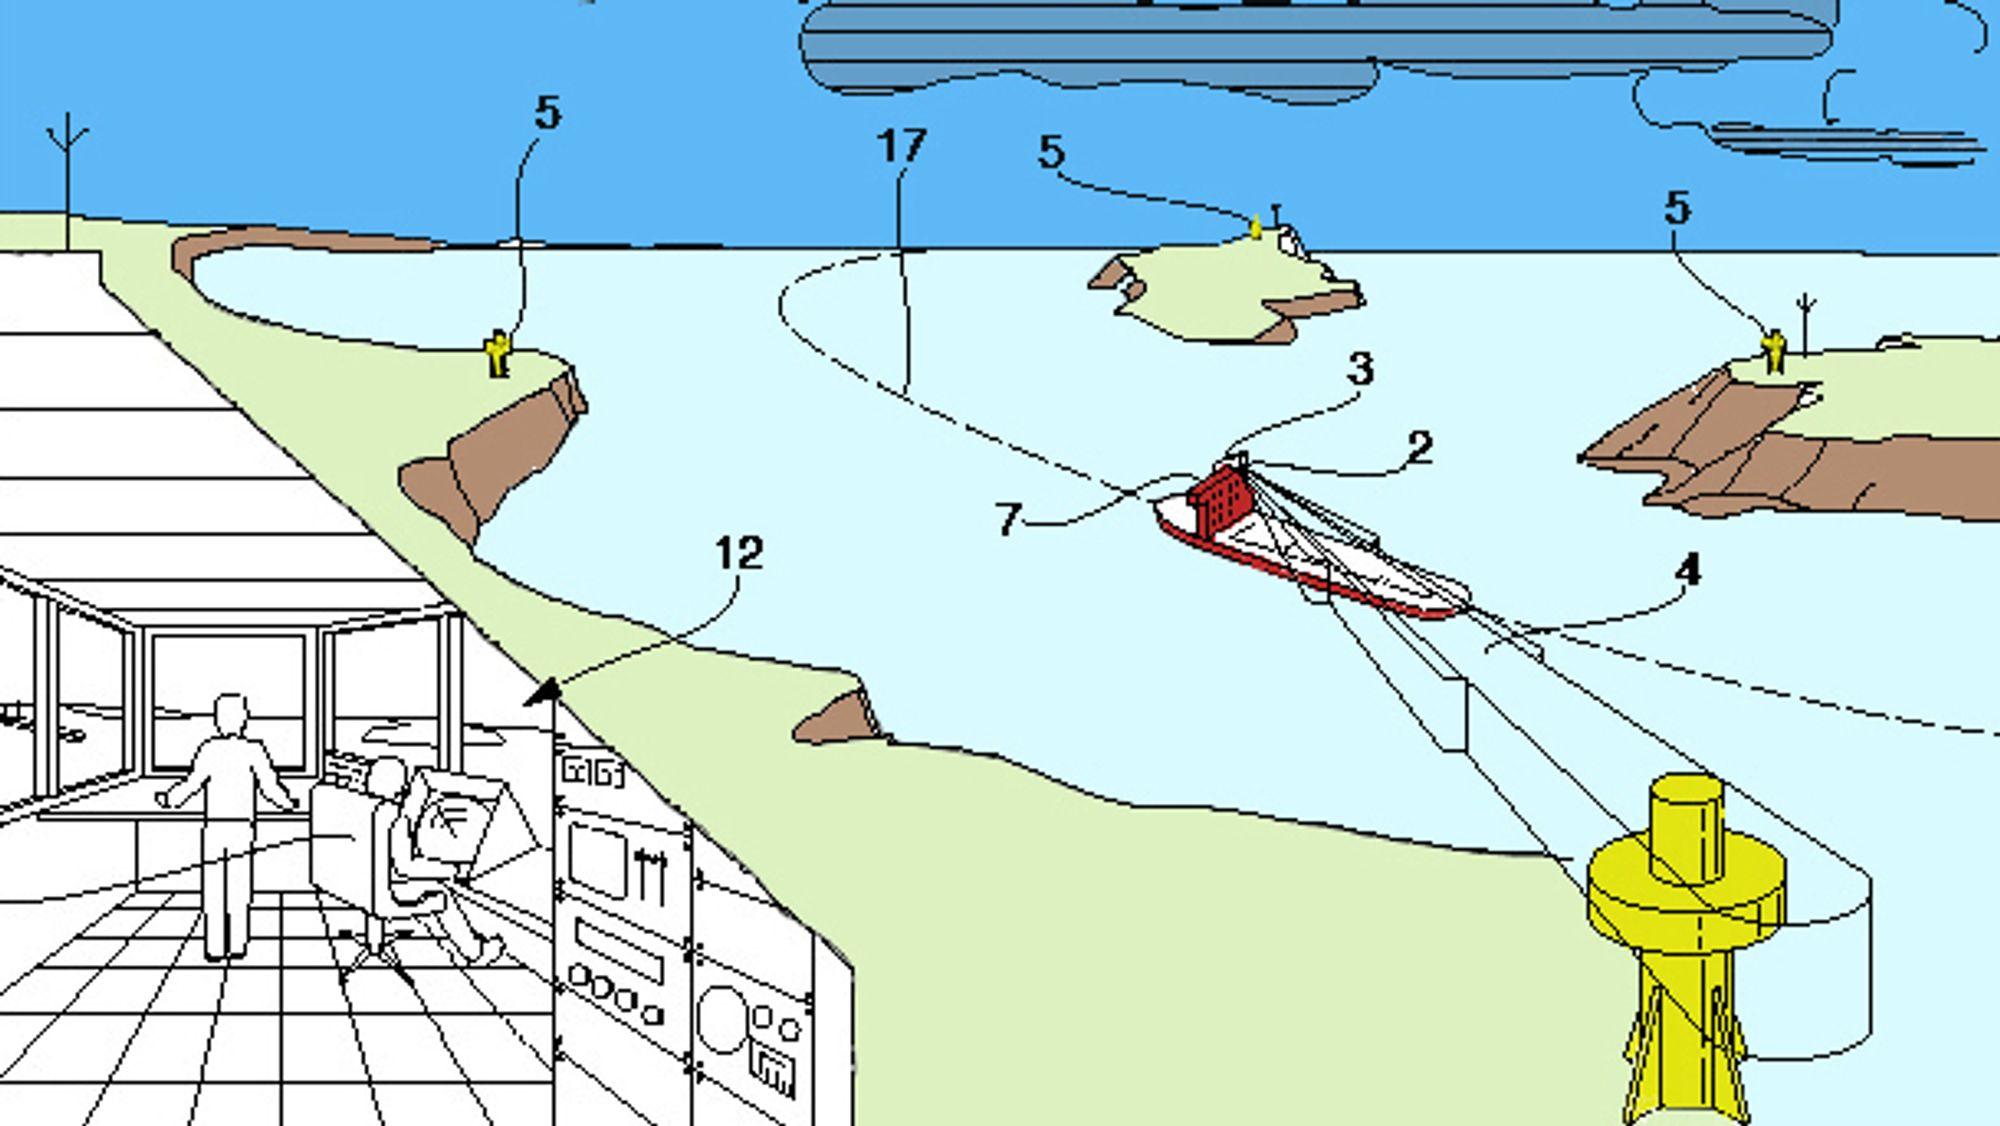 DSGS: Når skipet nærmer seg et sjømerke, blir lyssignal eller lydsignal forsterket slik at det ikke kan overses. Illustrasjon fra patentsøknaden.